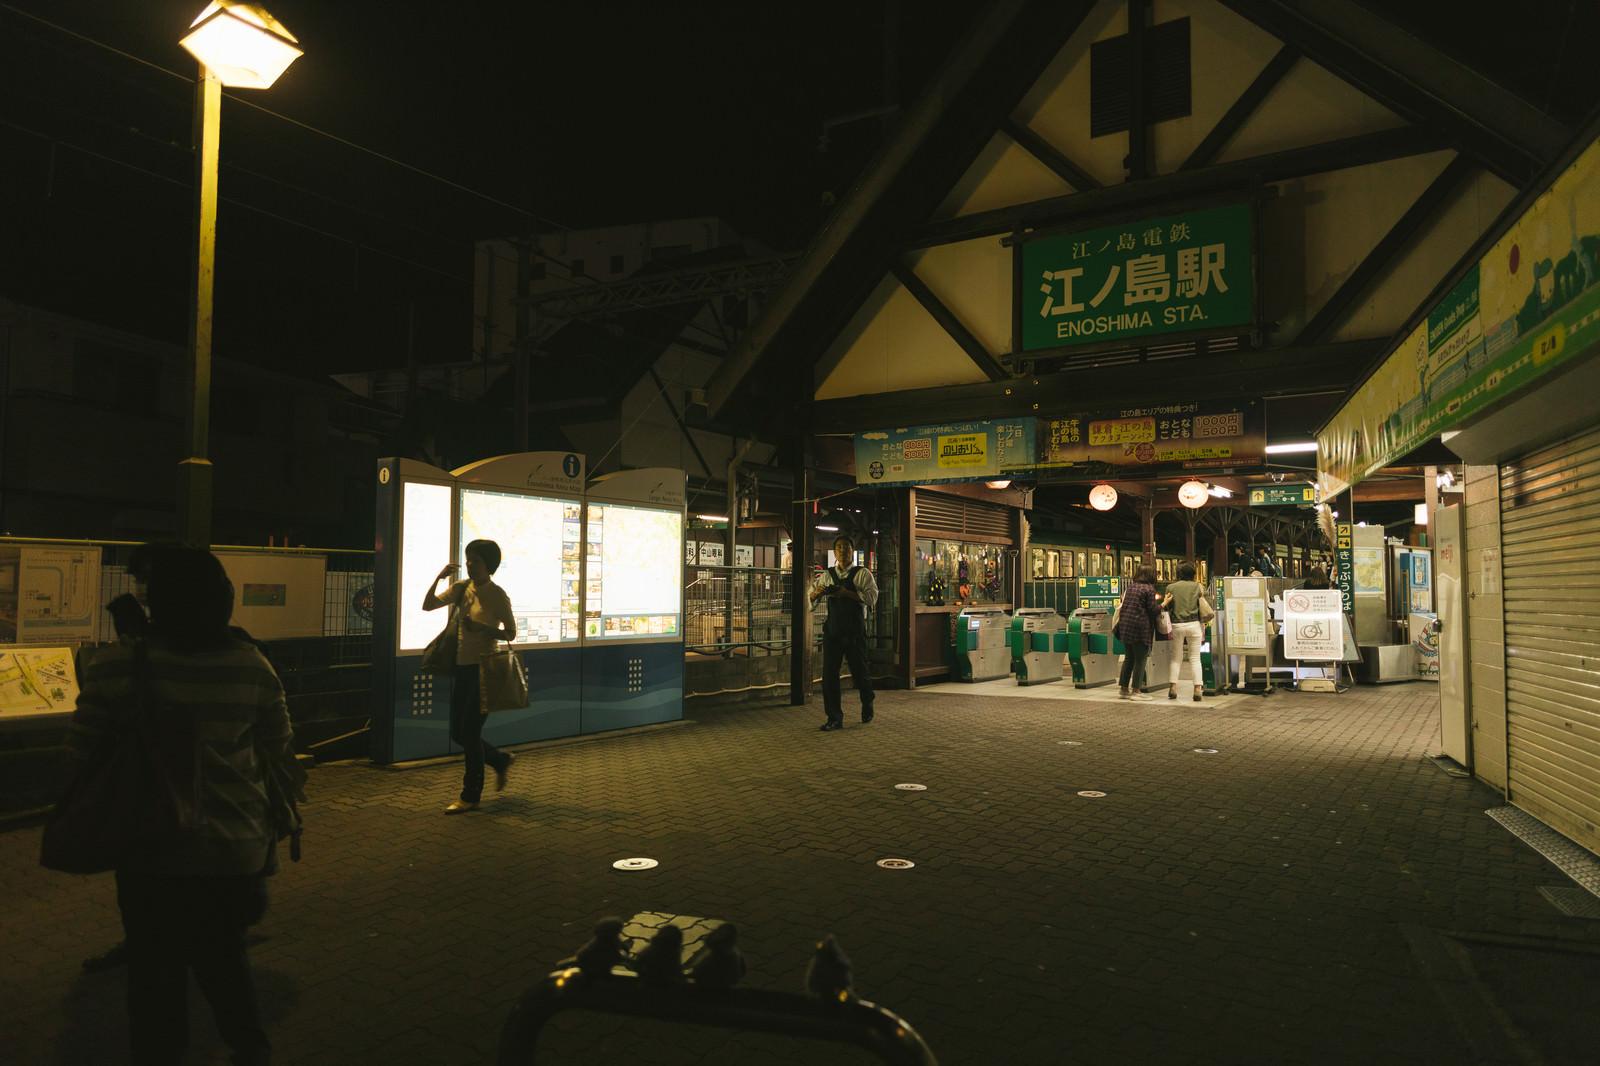 「日が暮れた江ノ島駅前」の写真